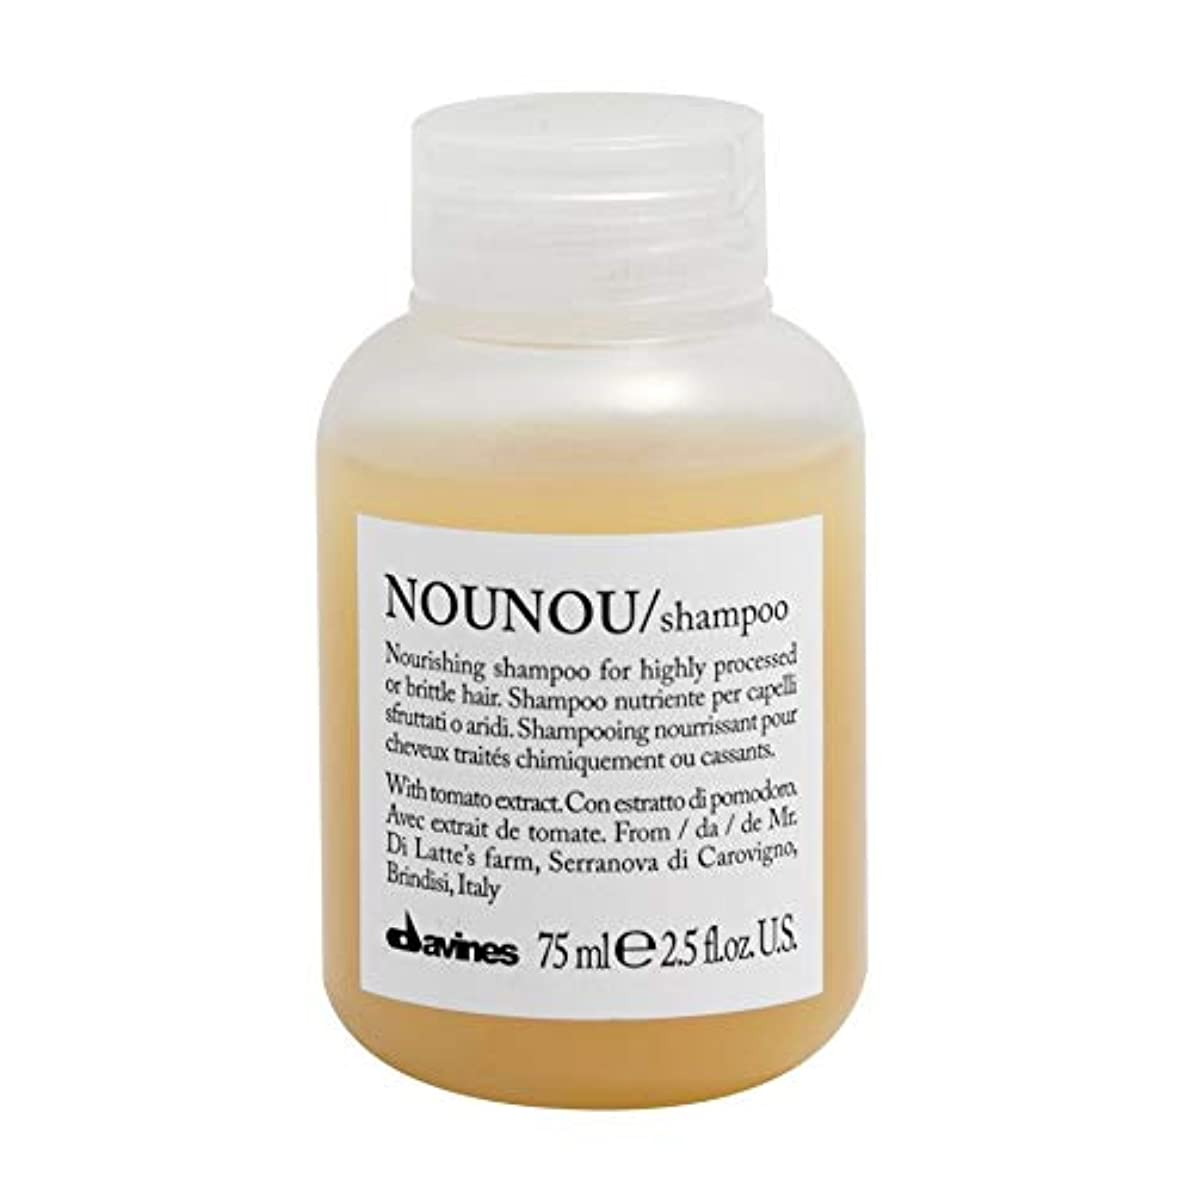 リボンサリー困難[Davines ] ダヴィネスノウノウシャンプー75ミリリットル - Davines NouNou Shampoo 75ml [並行輸入品]